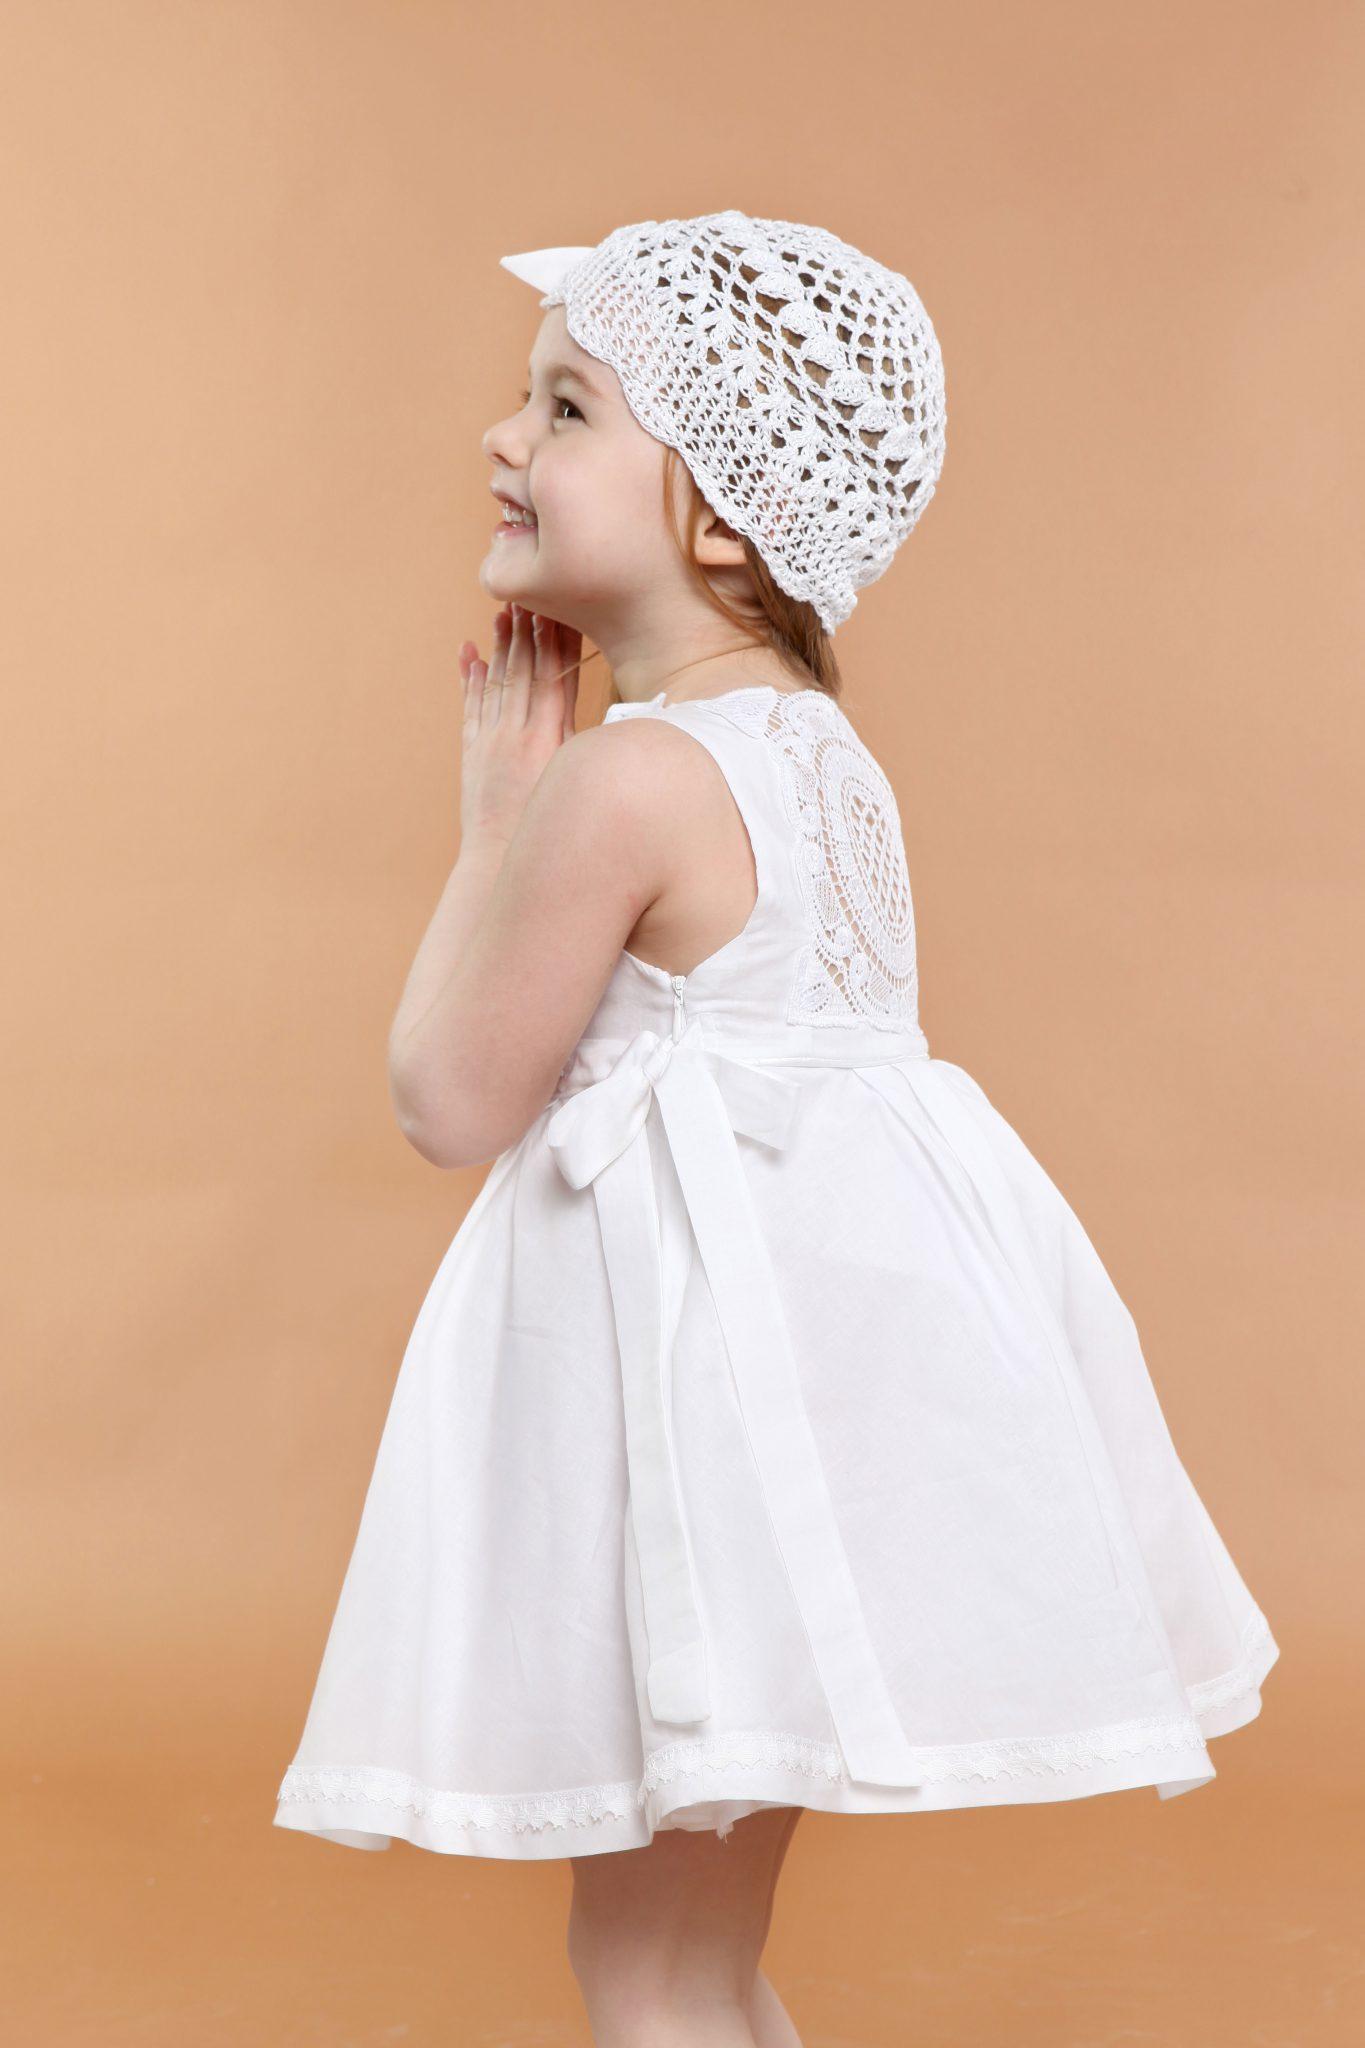 931b315a99fe Βαπτιστικά Ρούχα για Κορίτσι 117 | Γάμος & Βάπτιση στο Ηράκλειο Κρήτης